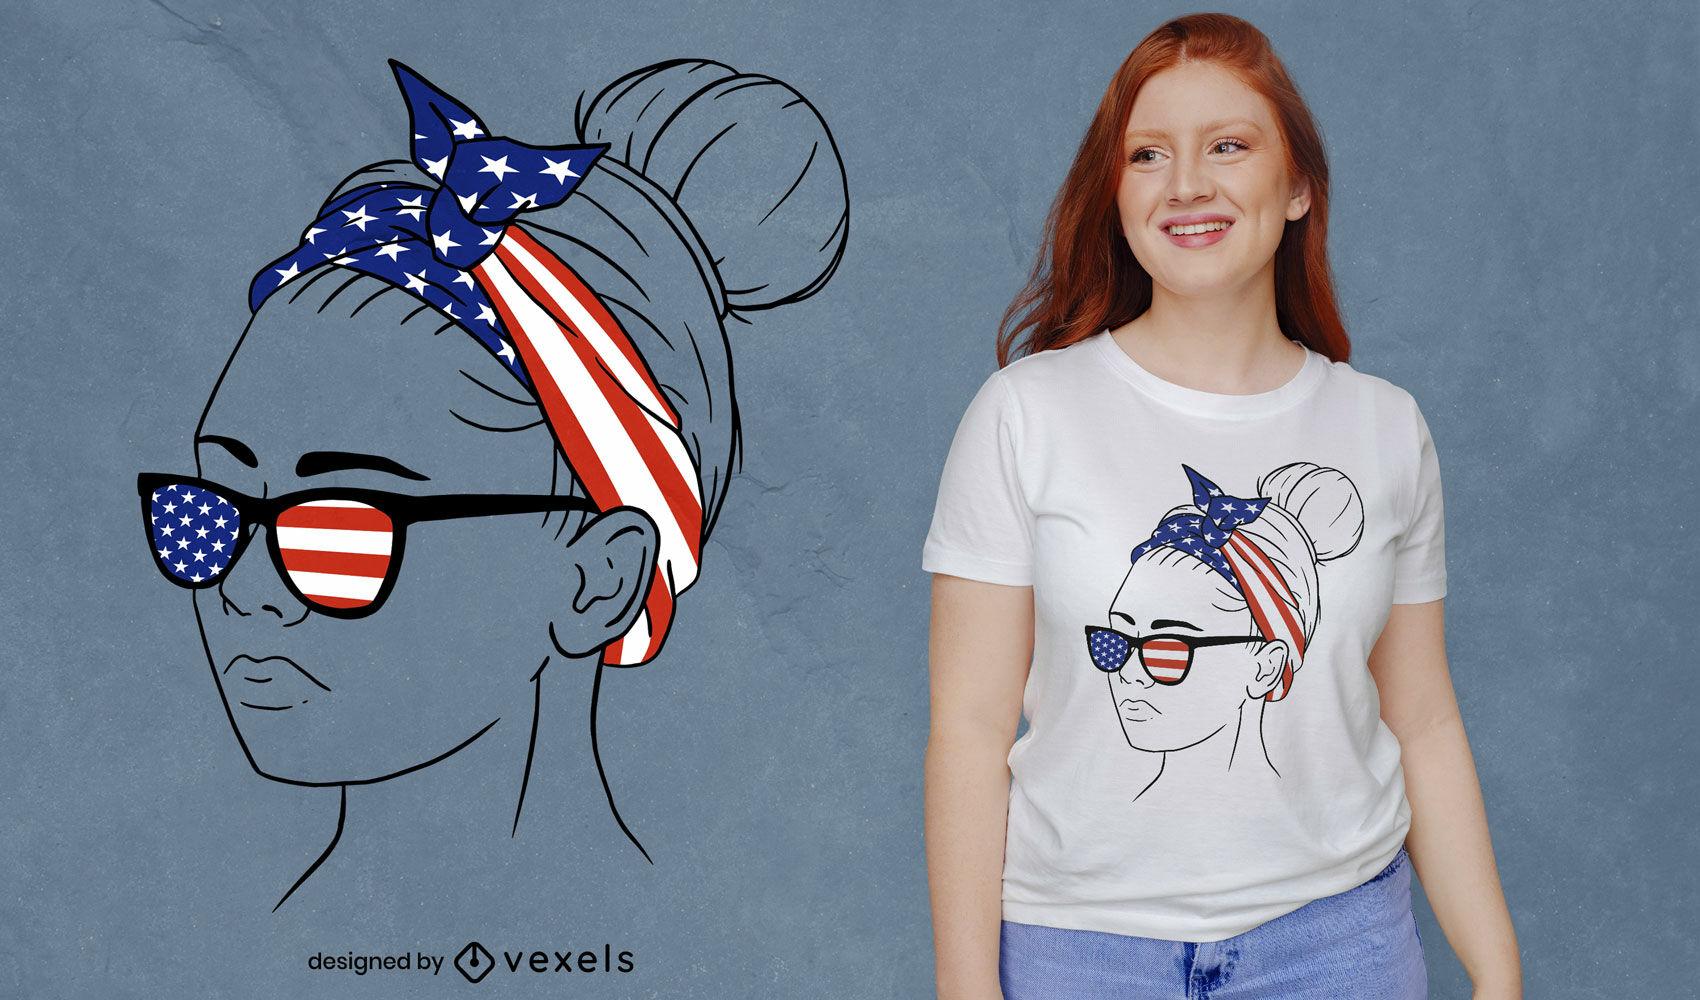 Dise?o de camiseta de ni?a de bandana de bandera estadounidense